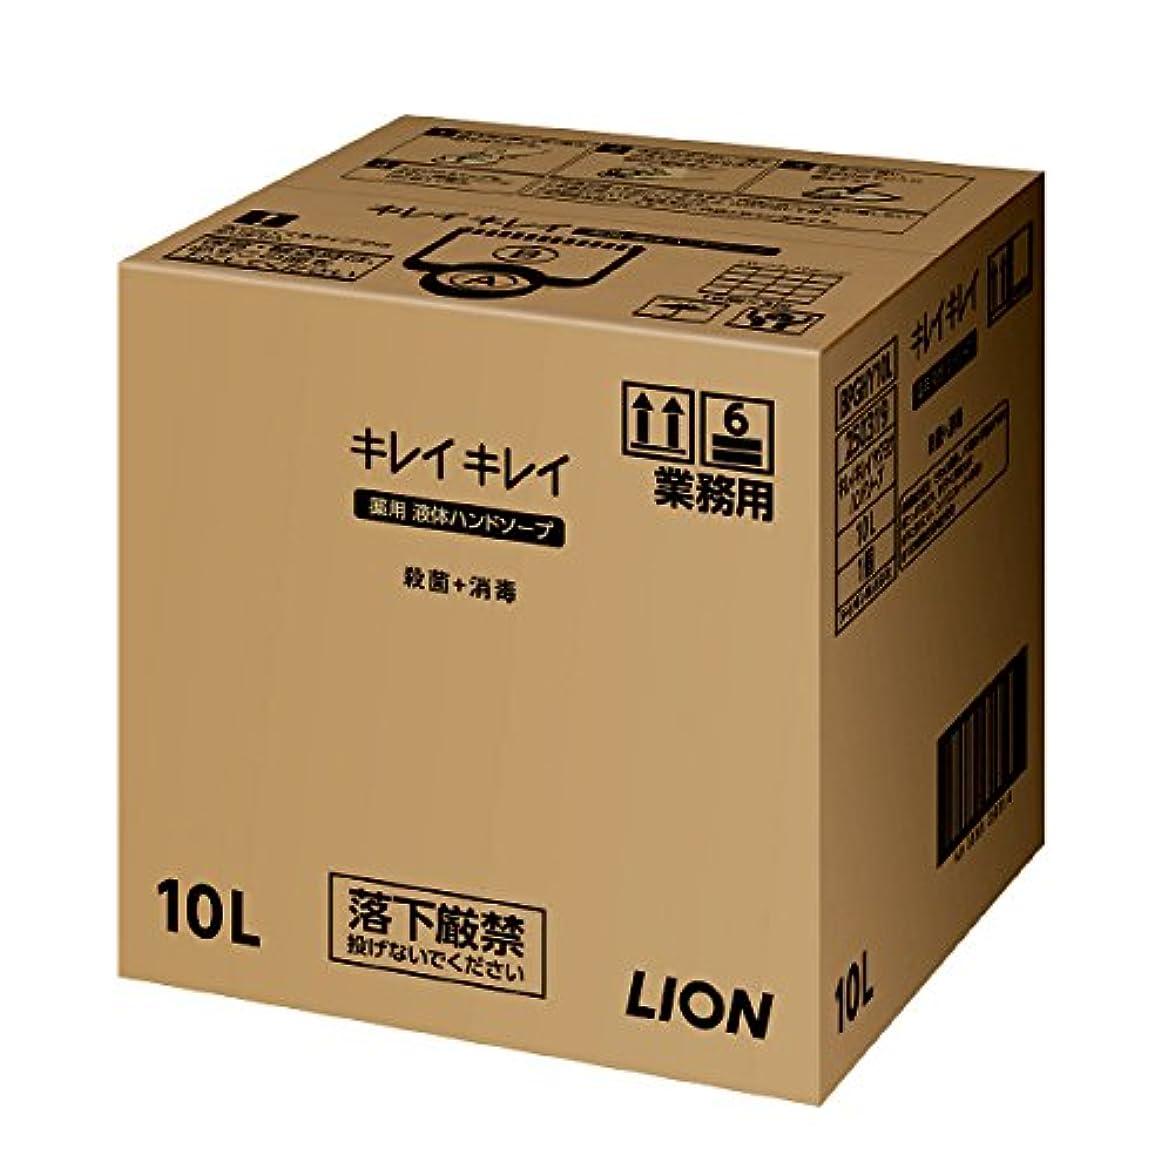 マークされた限られた未知のキレイキレイ薬用液体ハンドソープ10L(専用コック付き)